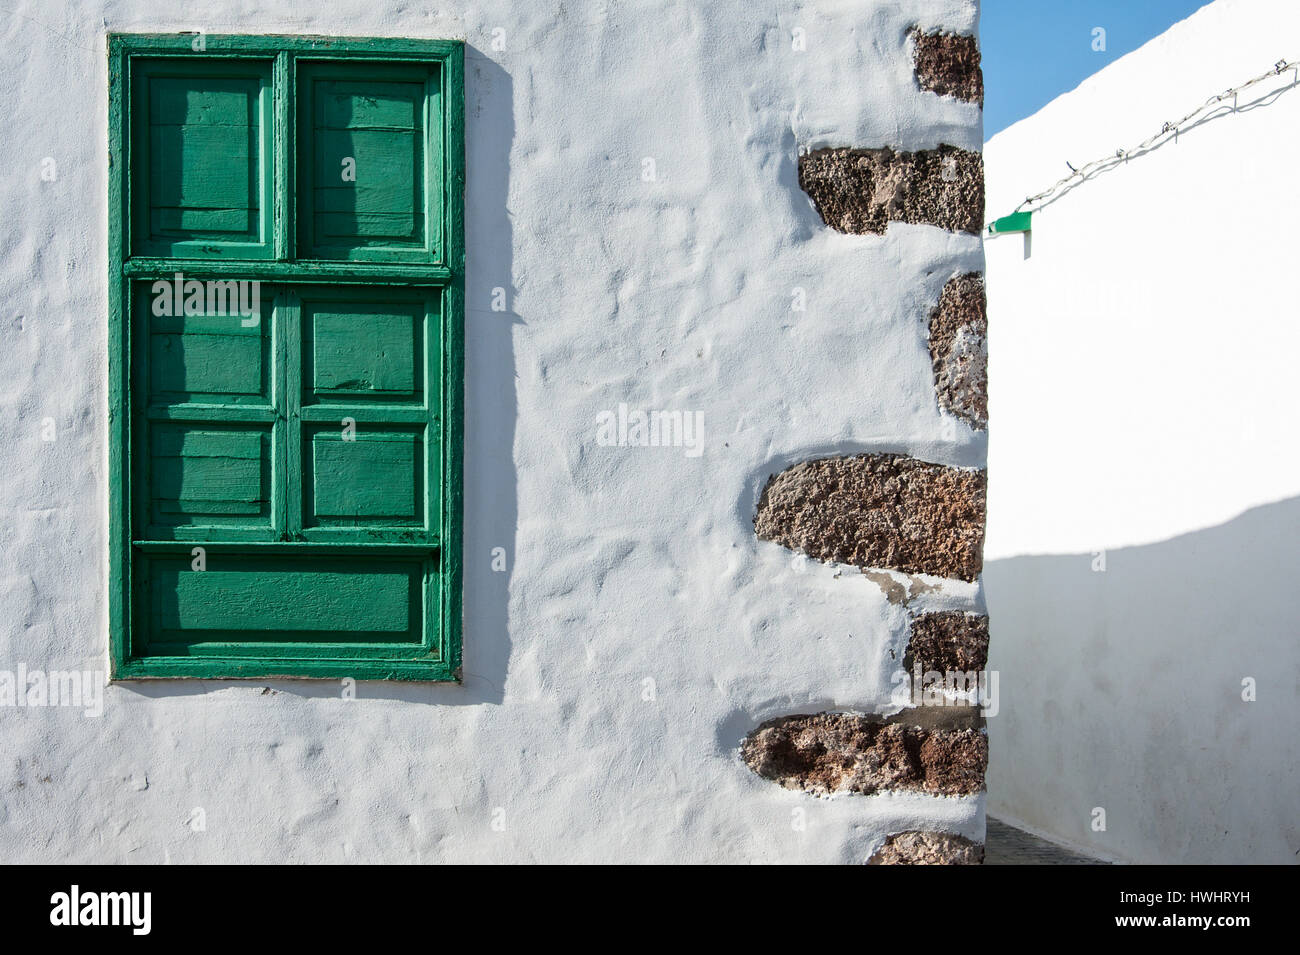 Reisen, Kanaren, Kanarische Inseln, Lanzarote: Zu Haus Mit gr?nem Holzfenster, Tequise. Stockbild